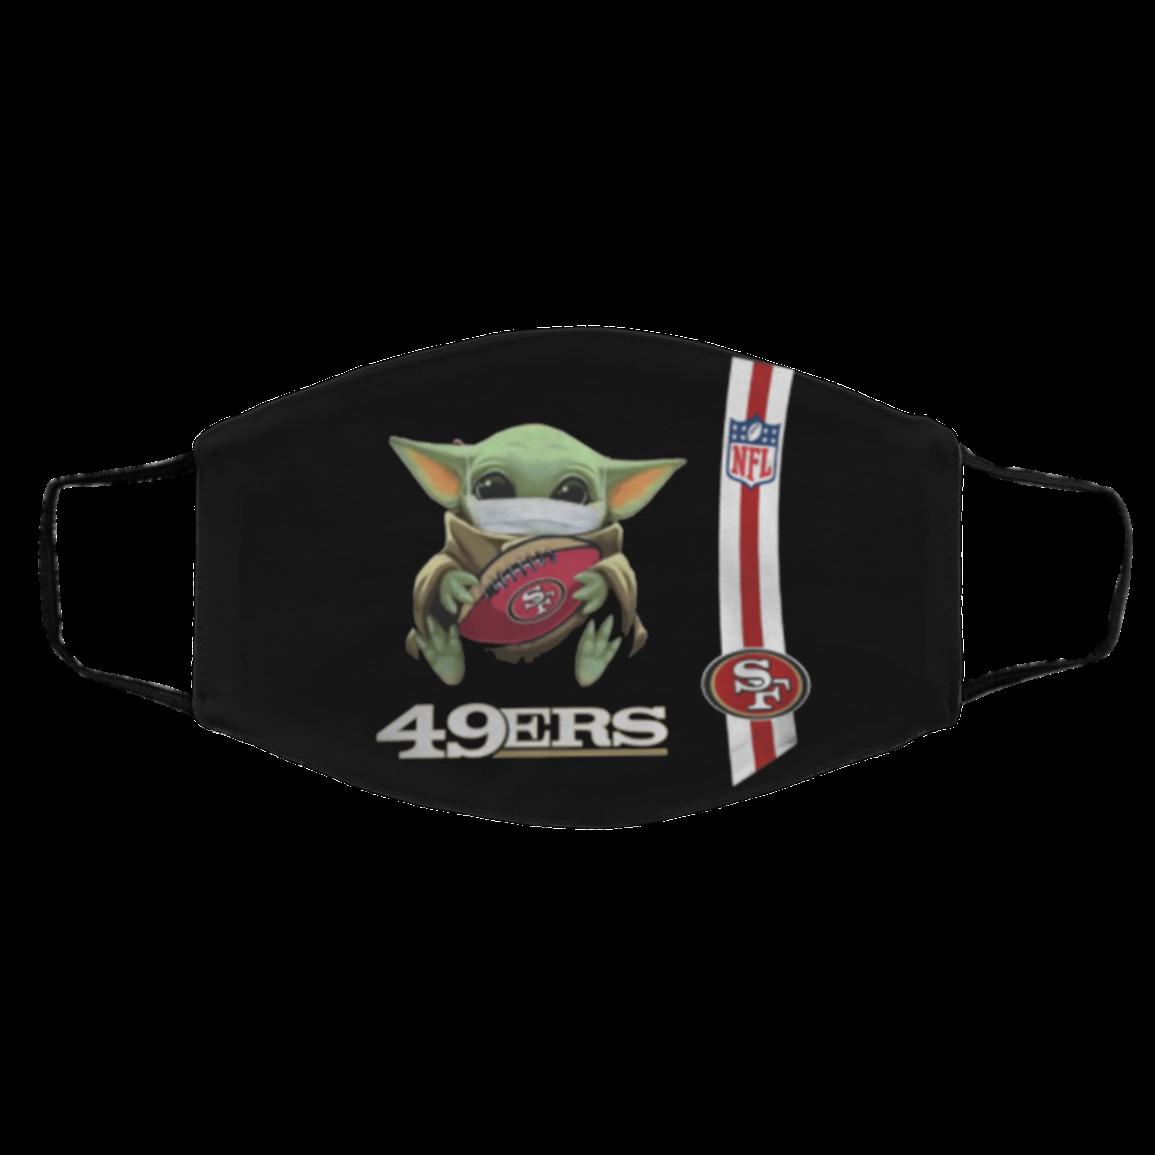 Baby Yoda hug San Fra-ncis-co 49-ers N-F-L Face Mask